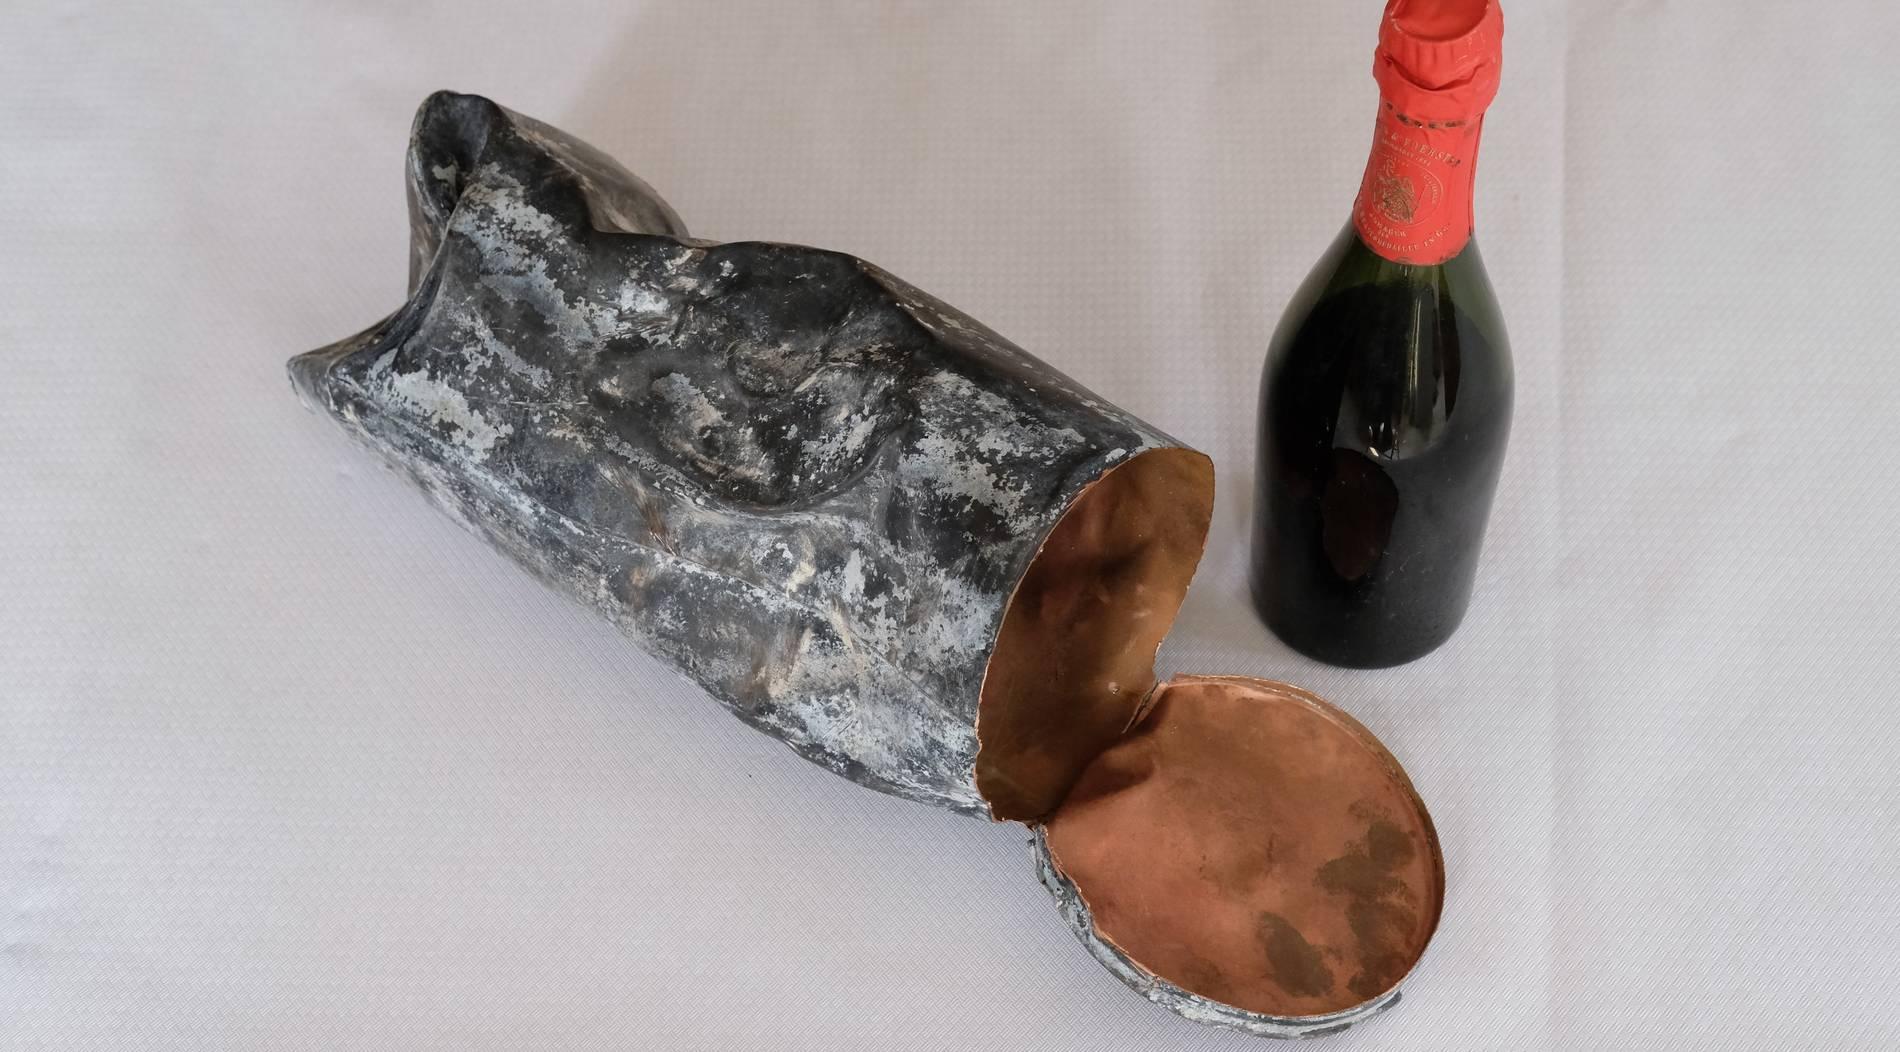 130 Jahre alte Rotkäppchen-Sektflasche bei Bauarbeiten entdeckt